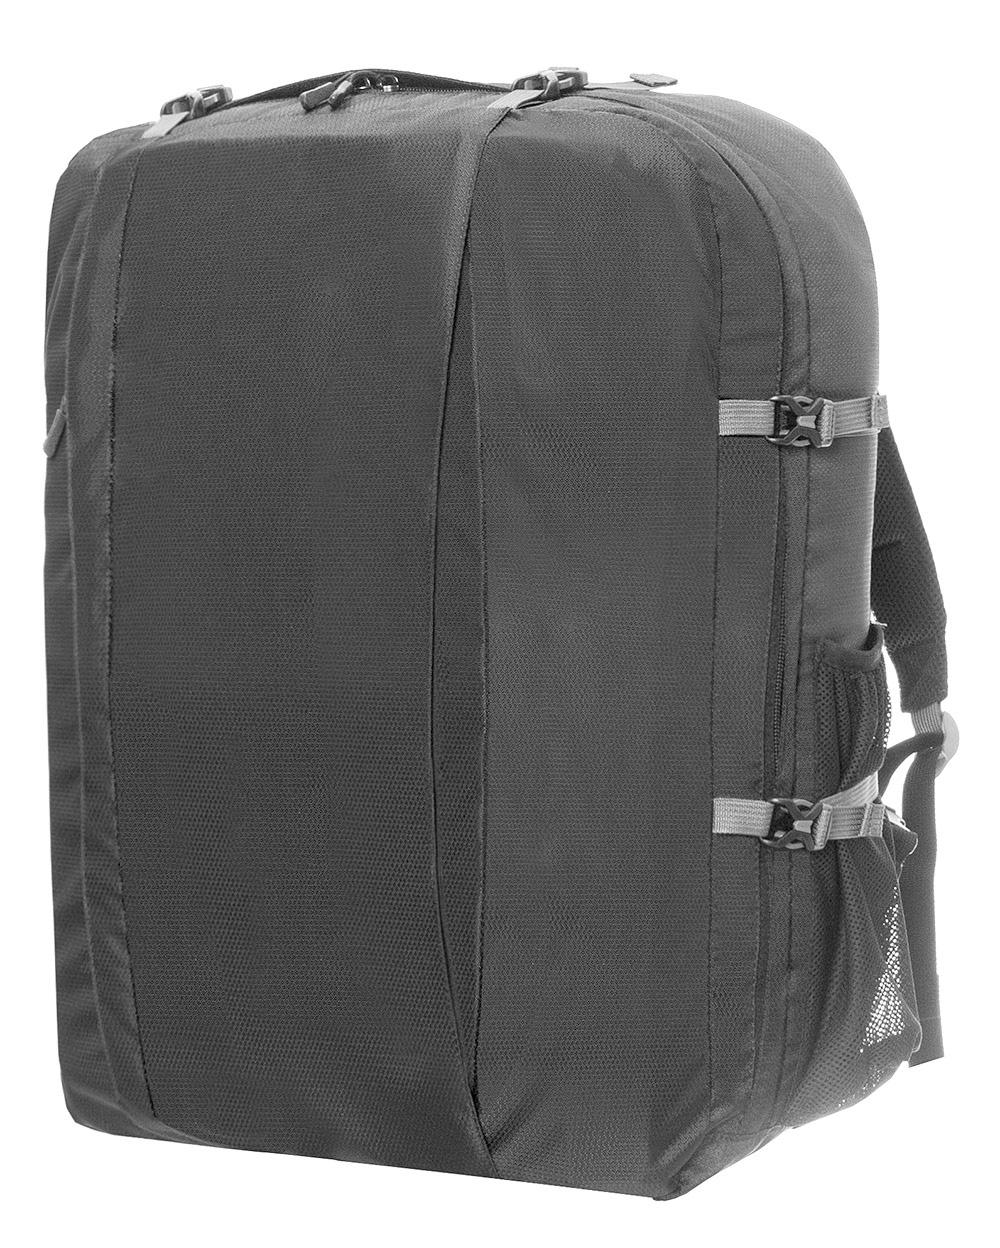 Рюкзак Снаряжение Аэролайт 44 Черный фото